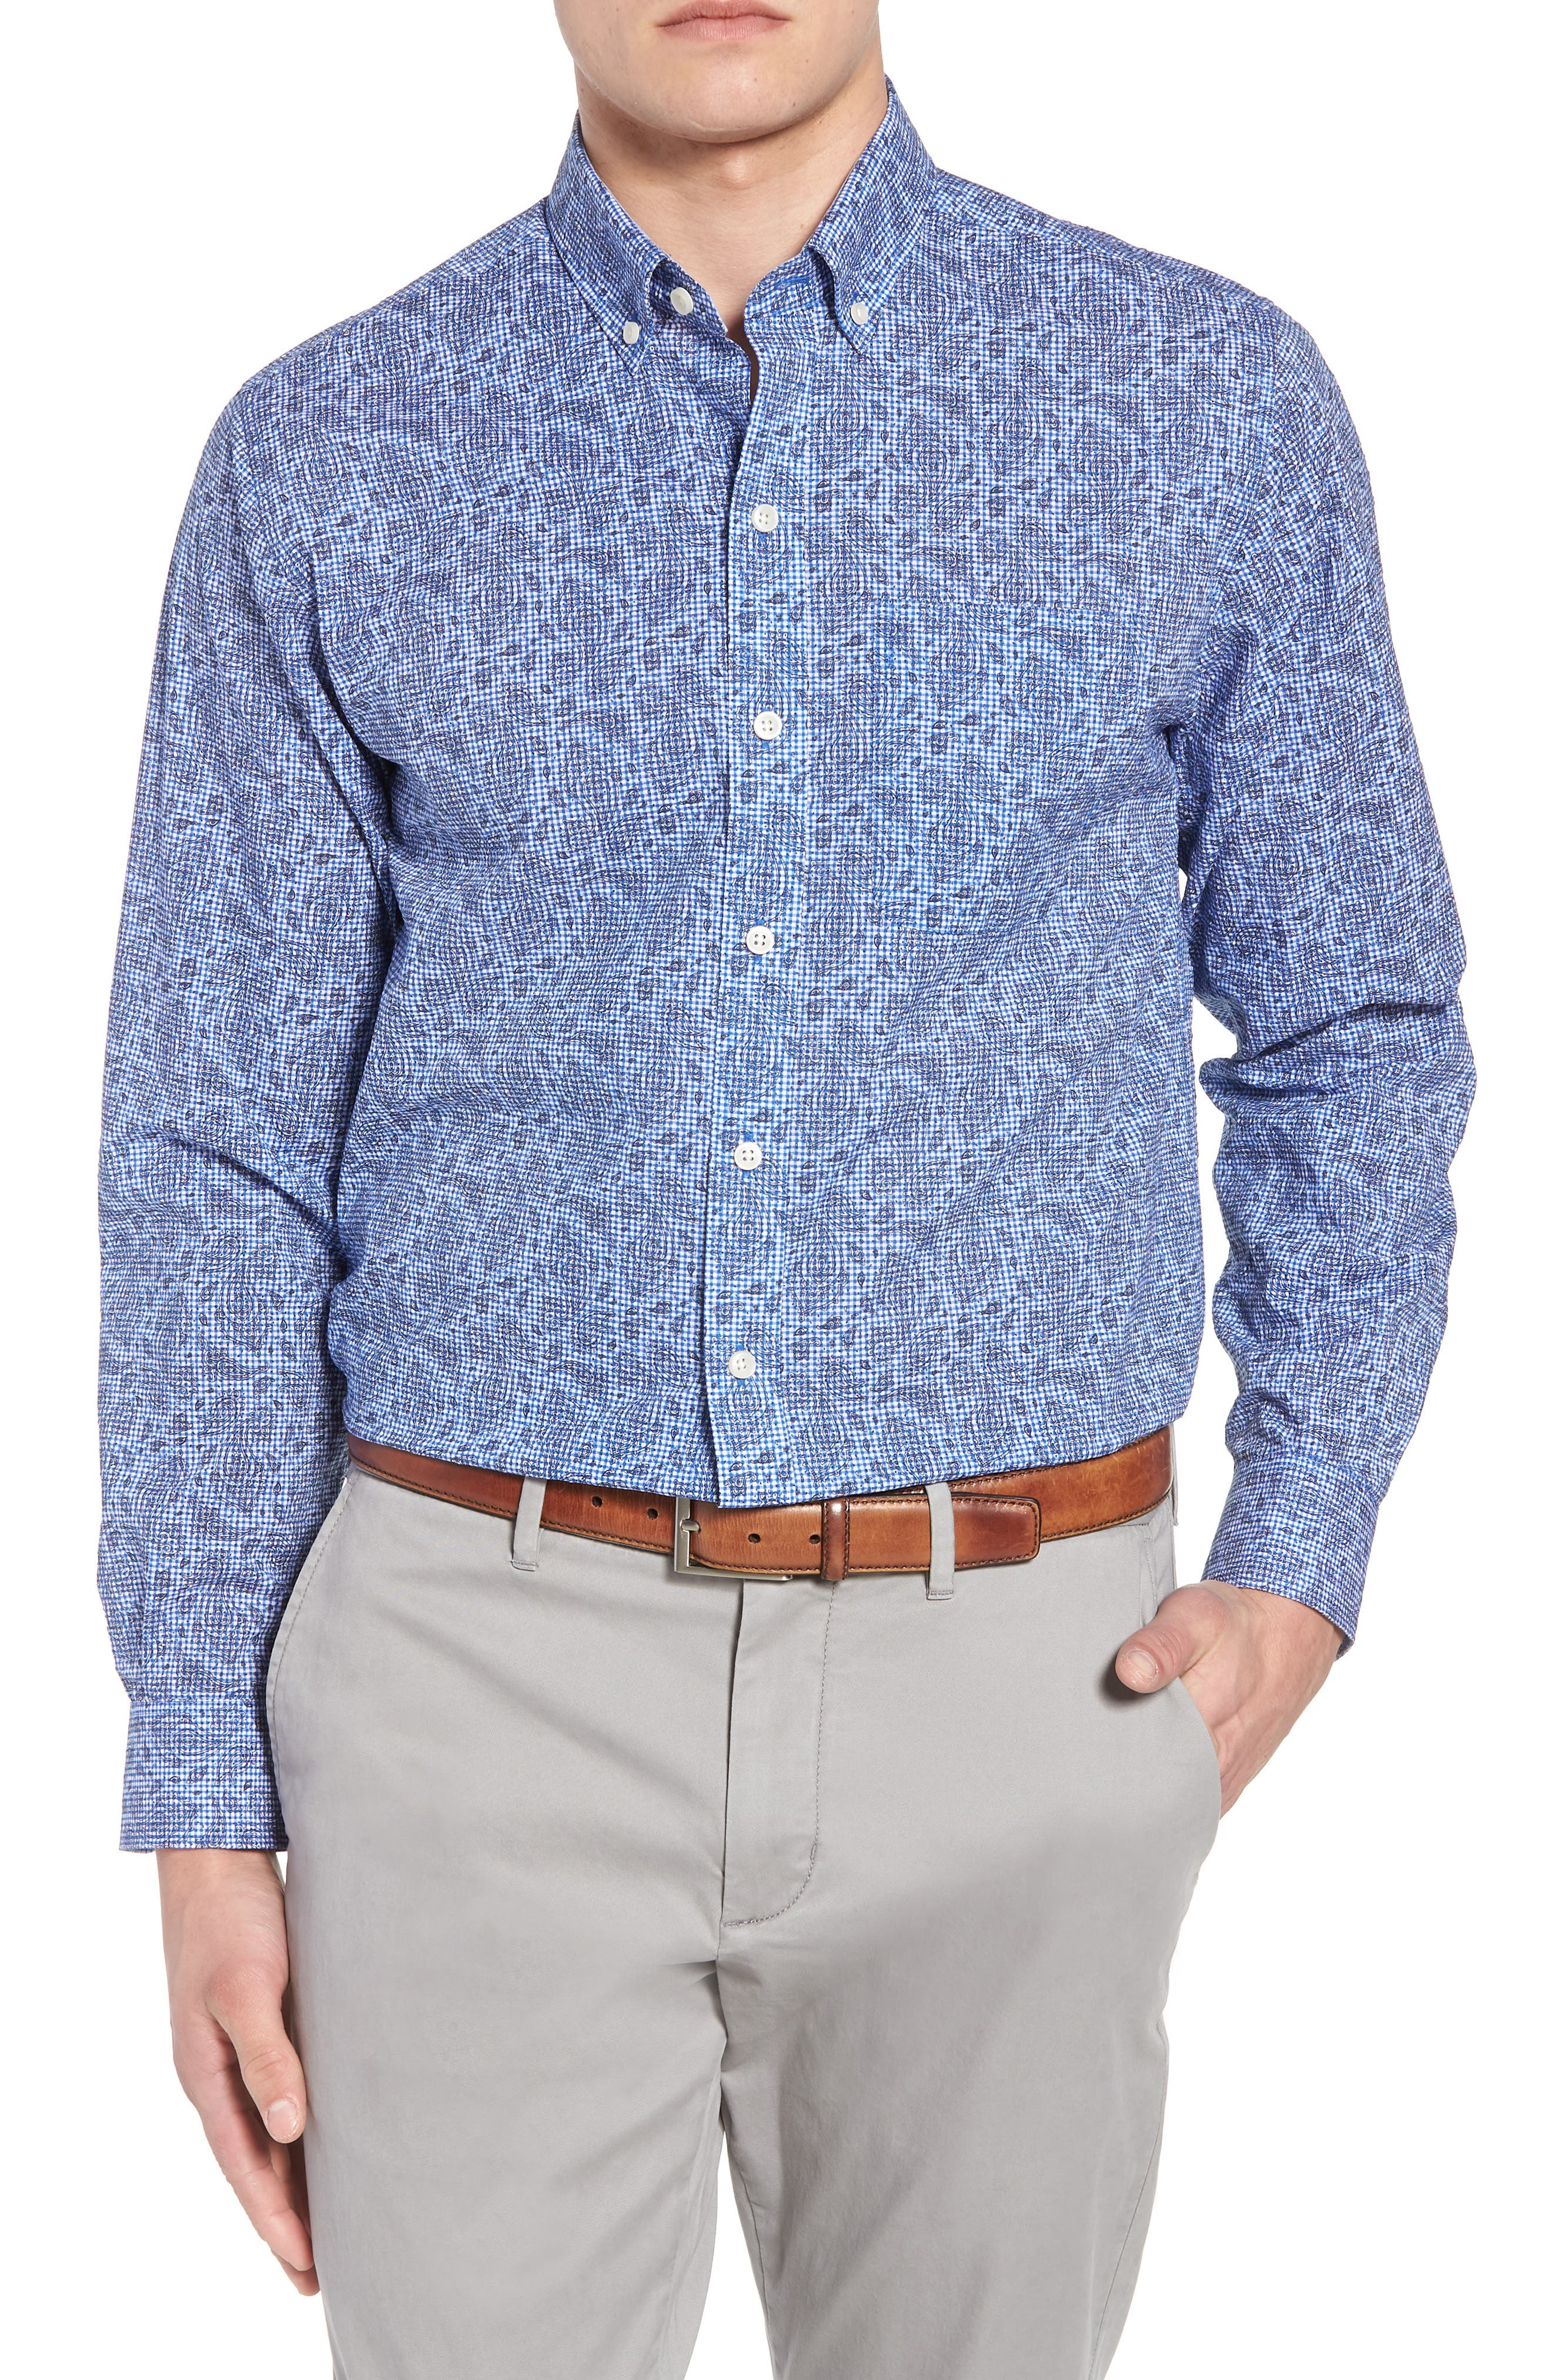 Main Image - Cutter & Buck Jameson Seersucker Print Sport Shirt